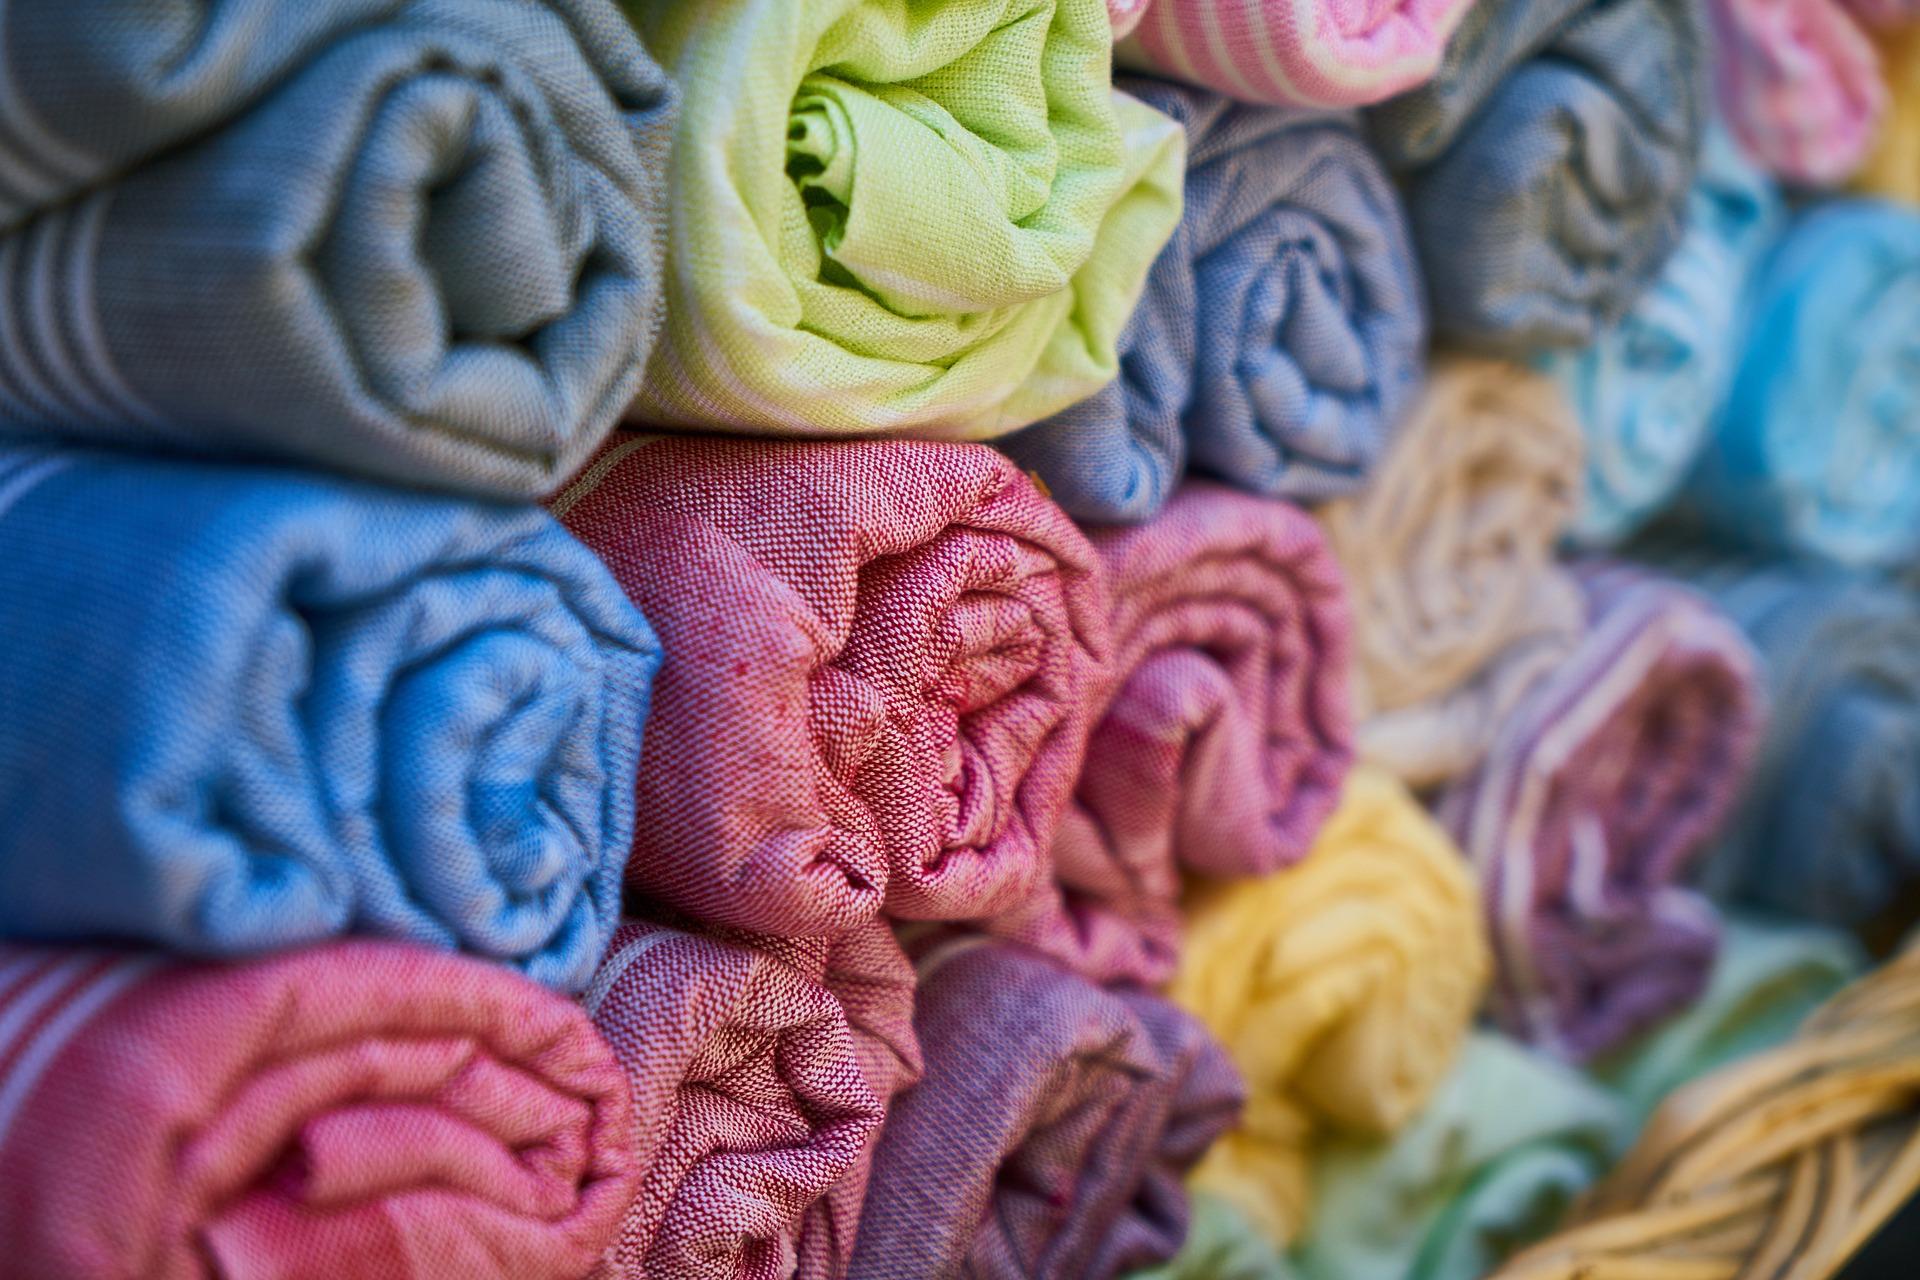 Vous avez dit Oeko-Tex ? Définition d'un label textile.